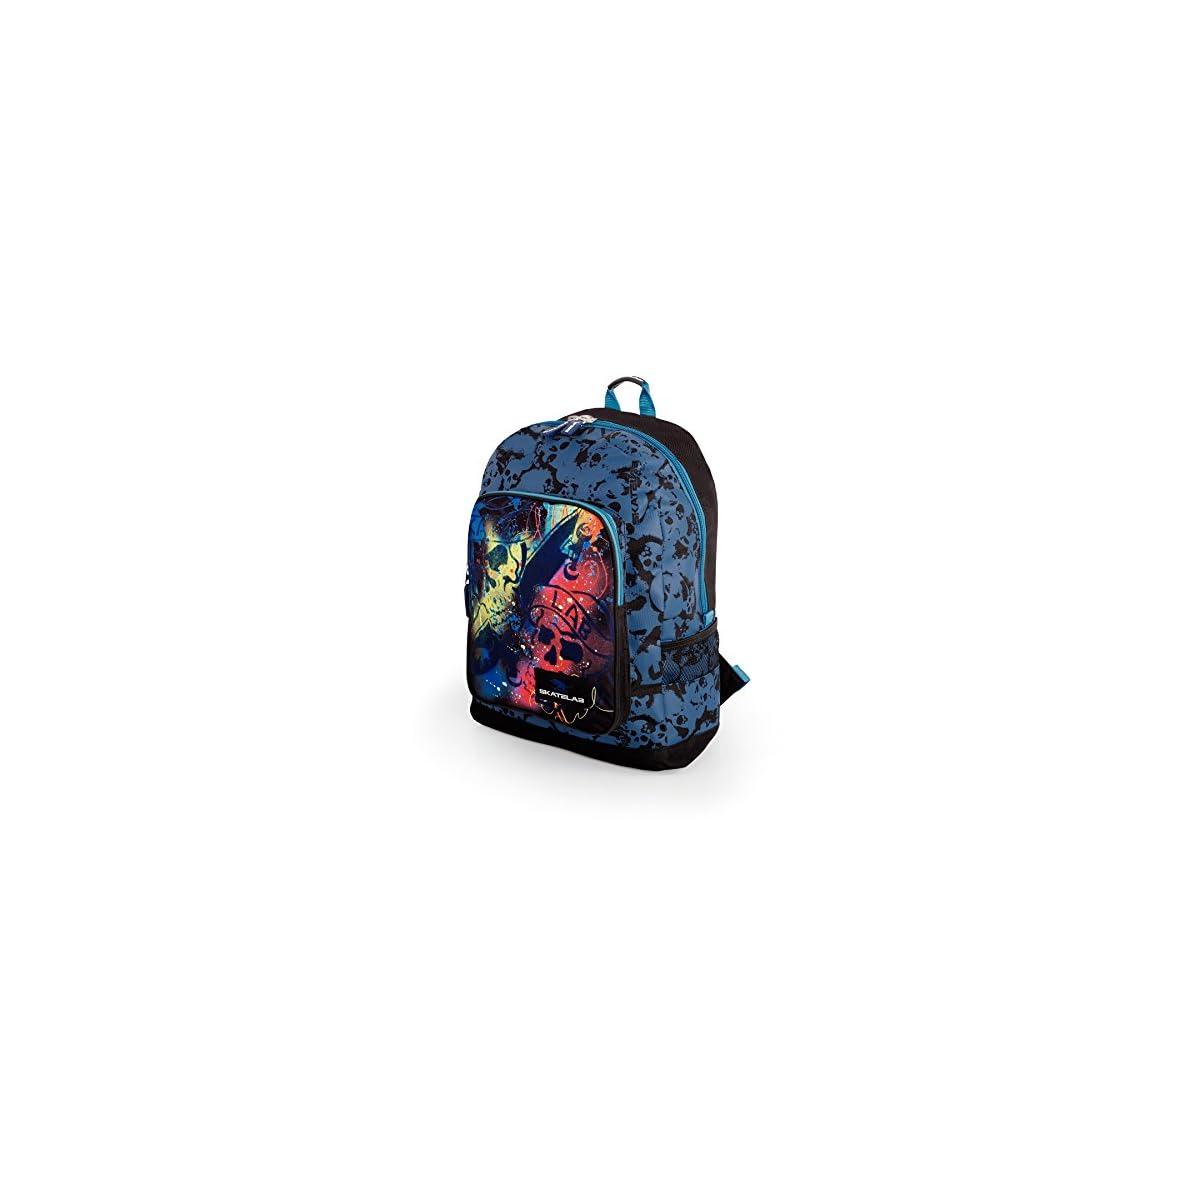 51wMvb91euL. SS1200  - SKPA T - Mochila Escolar Skatelab Azul, color Azul